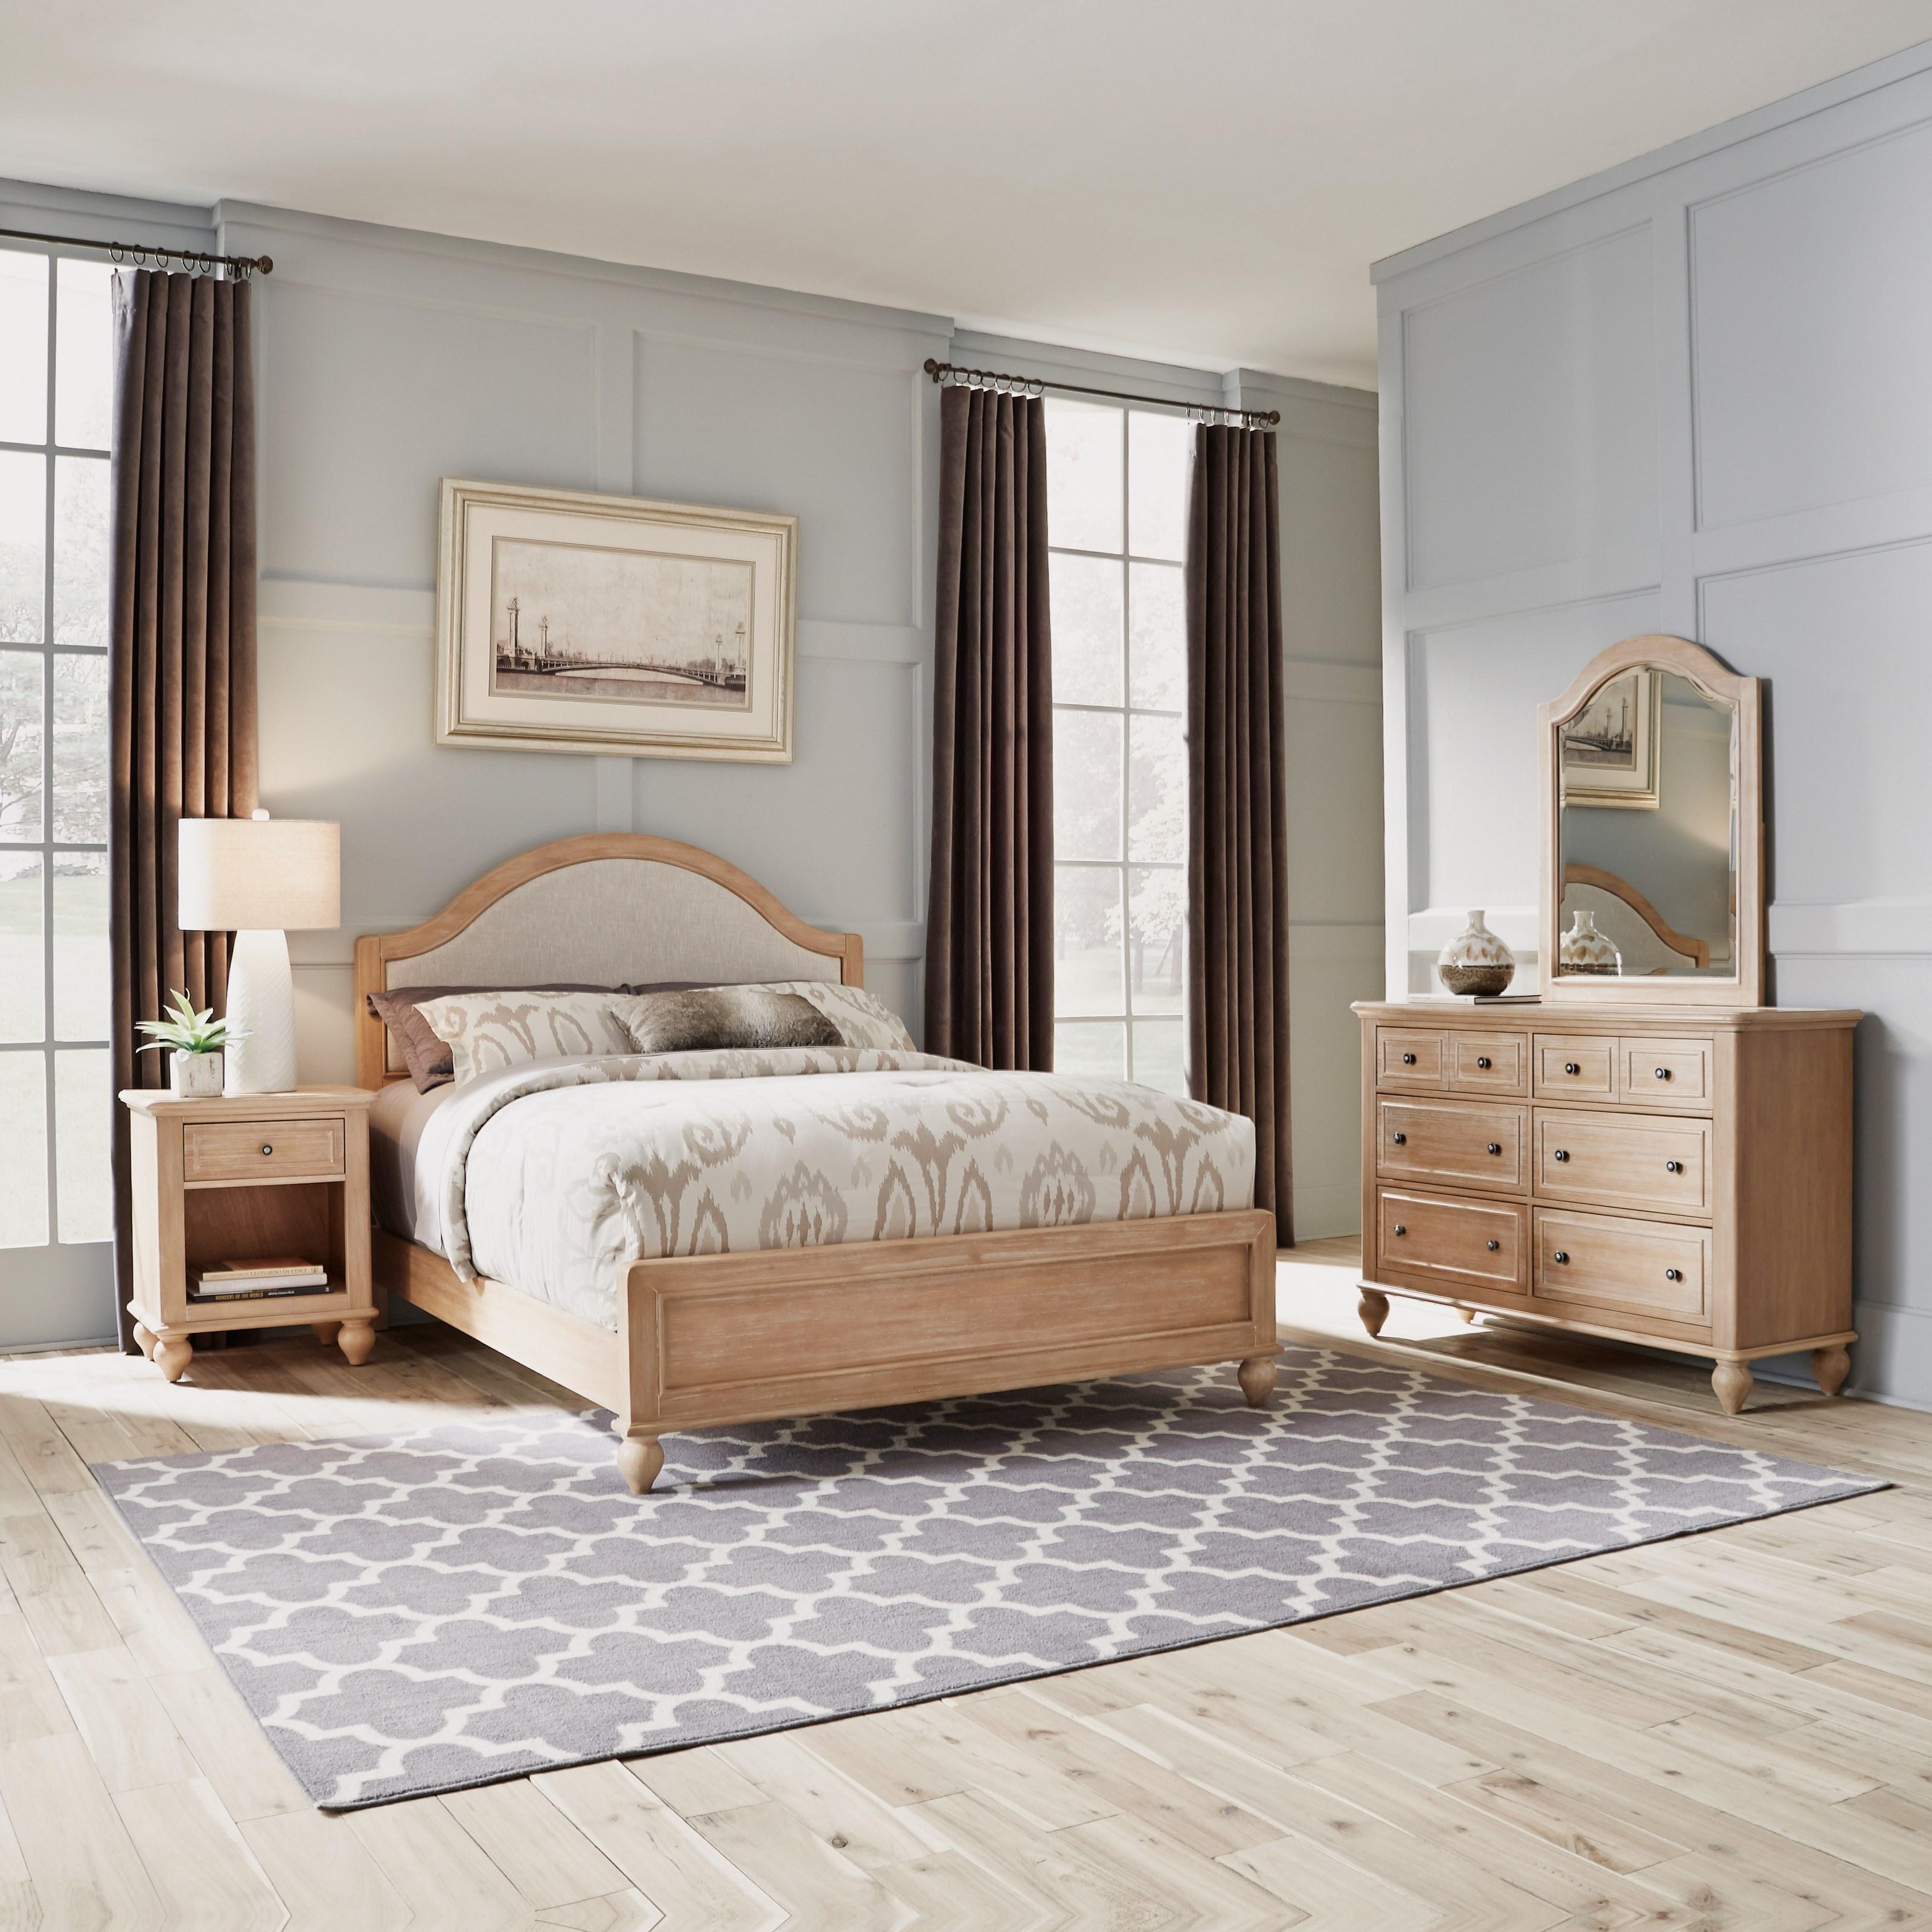 Queen Bed, Nightstand, Dresser & Mirror